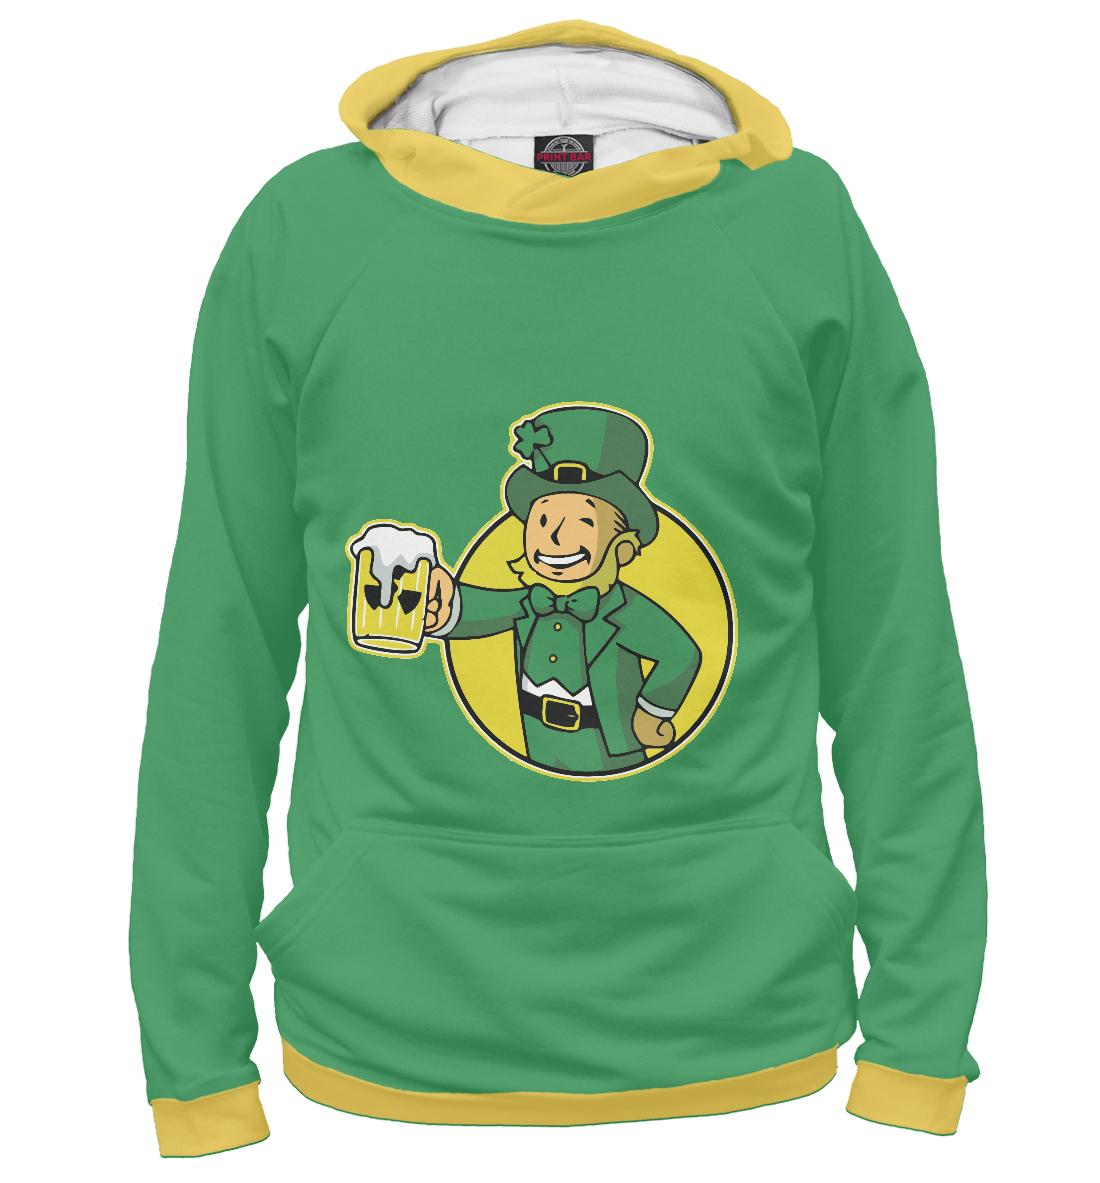 Irish Vault Boy (St. Patrick)